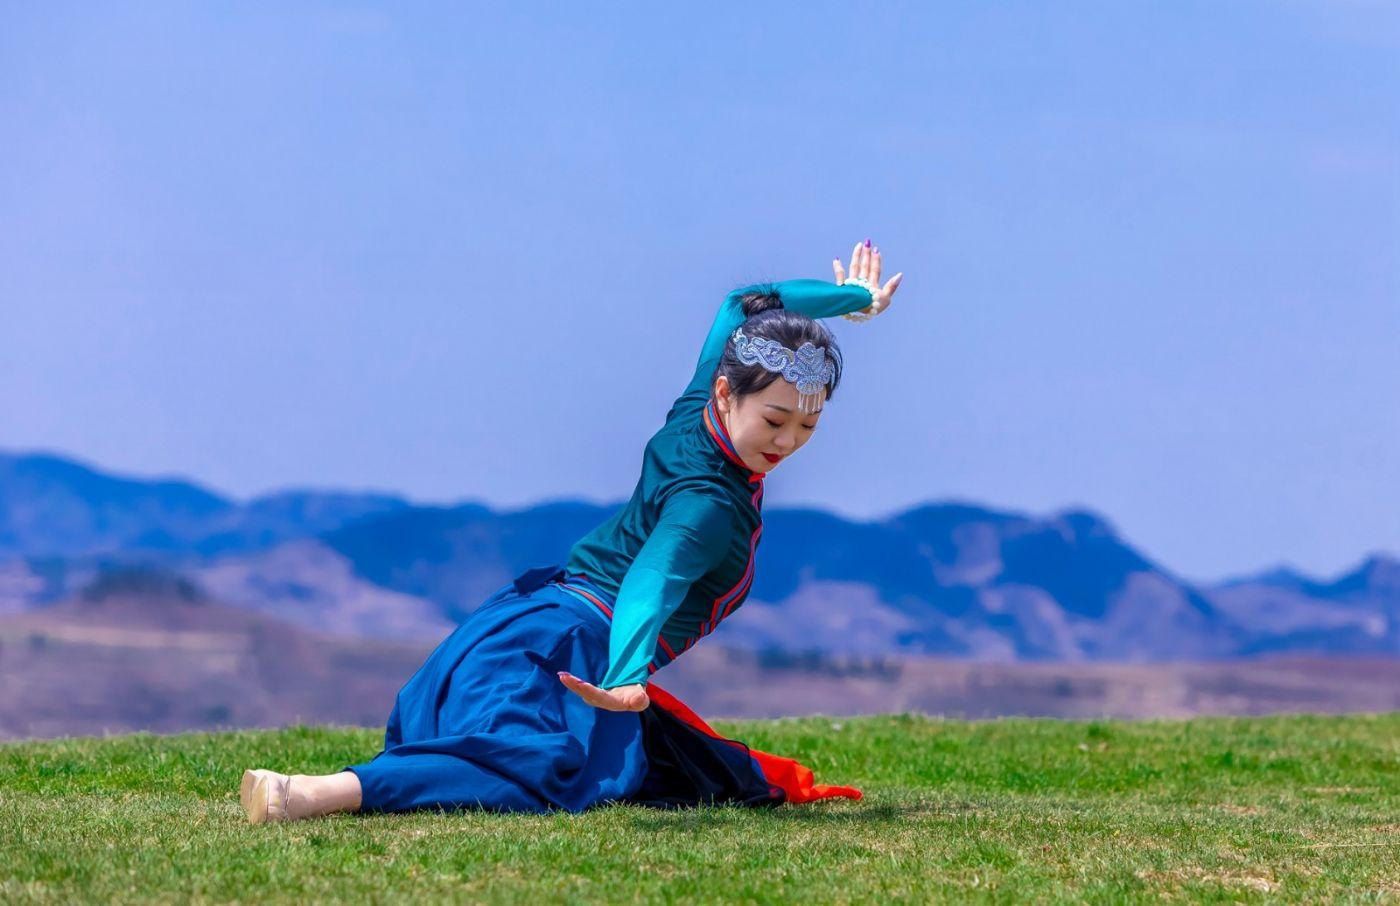 崮上草原有位女孩在翩翩起舞 她要和你邂逅在崮上花开的季节 ..._图1-33